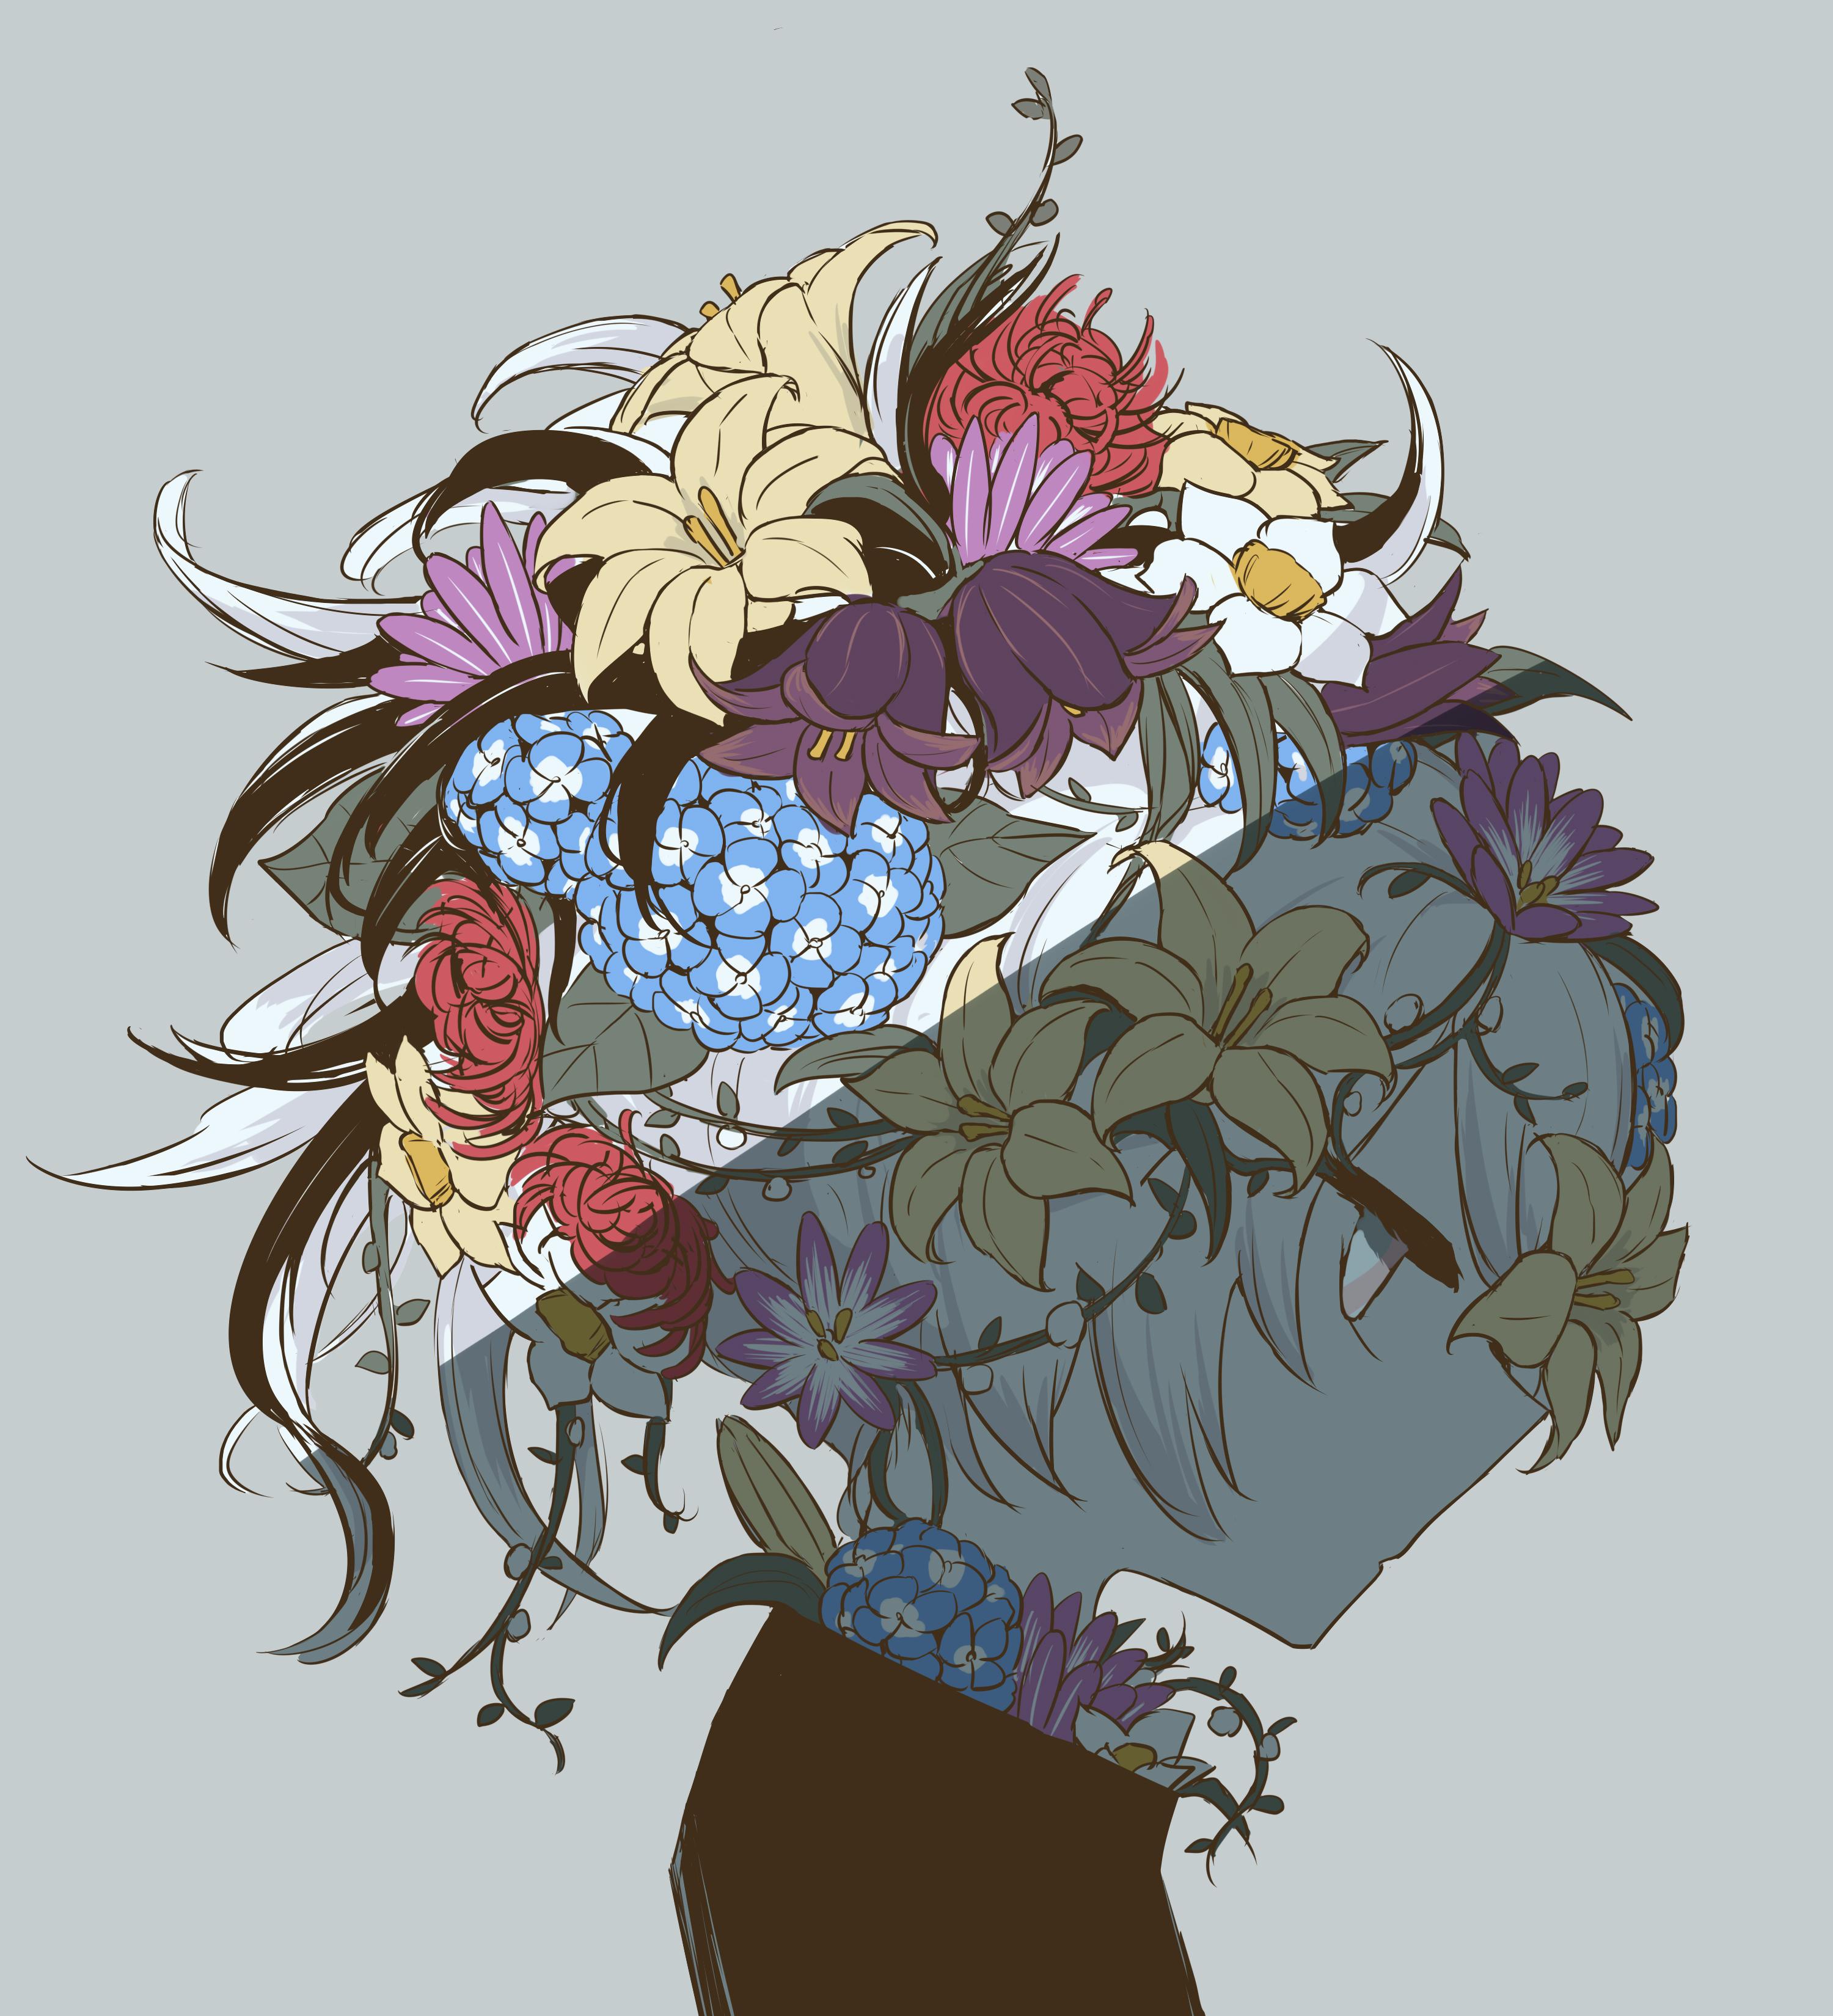 itotii-アボガド6 - パメラ/flower